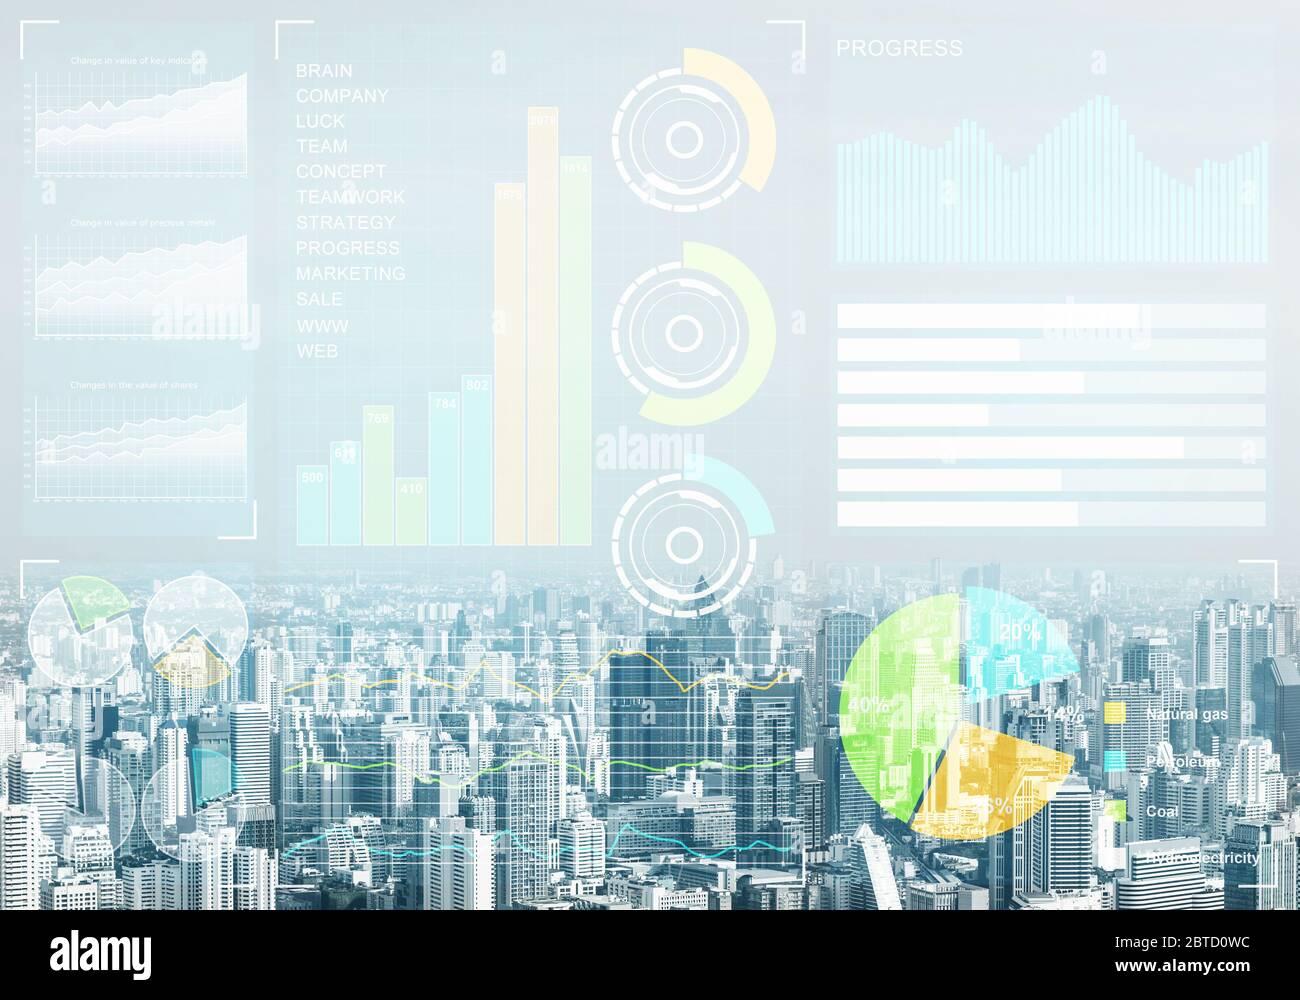 Börse Charts- und Finanzviertel Stockfoto